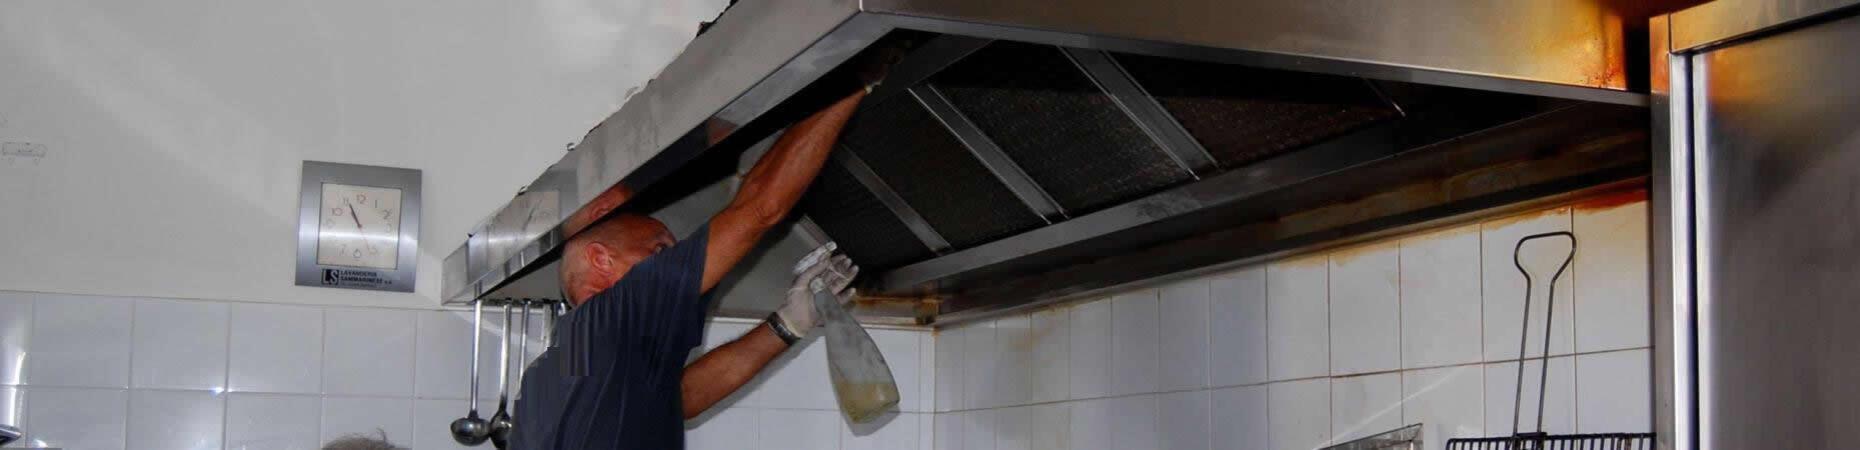 cicognaservizi it sgrassamento-cappe-cucine-bologna 004